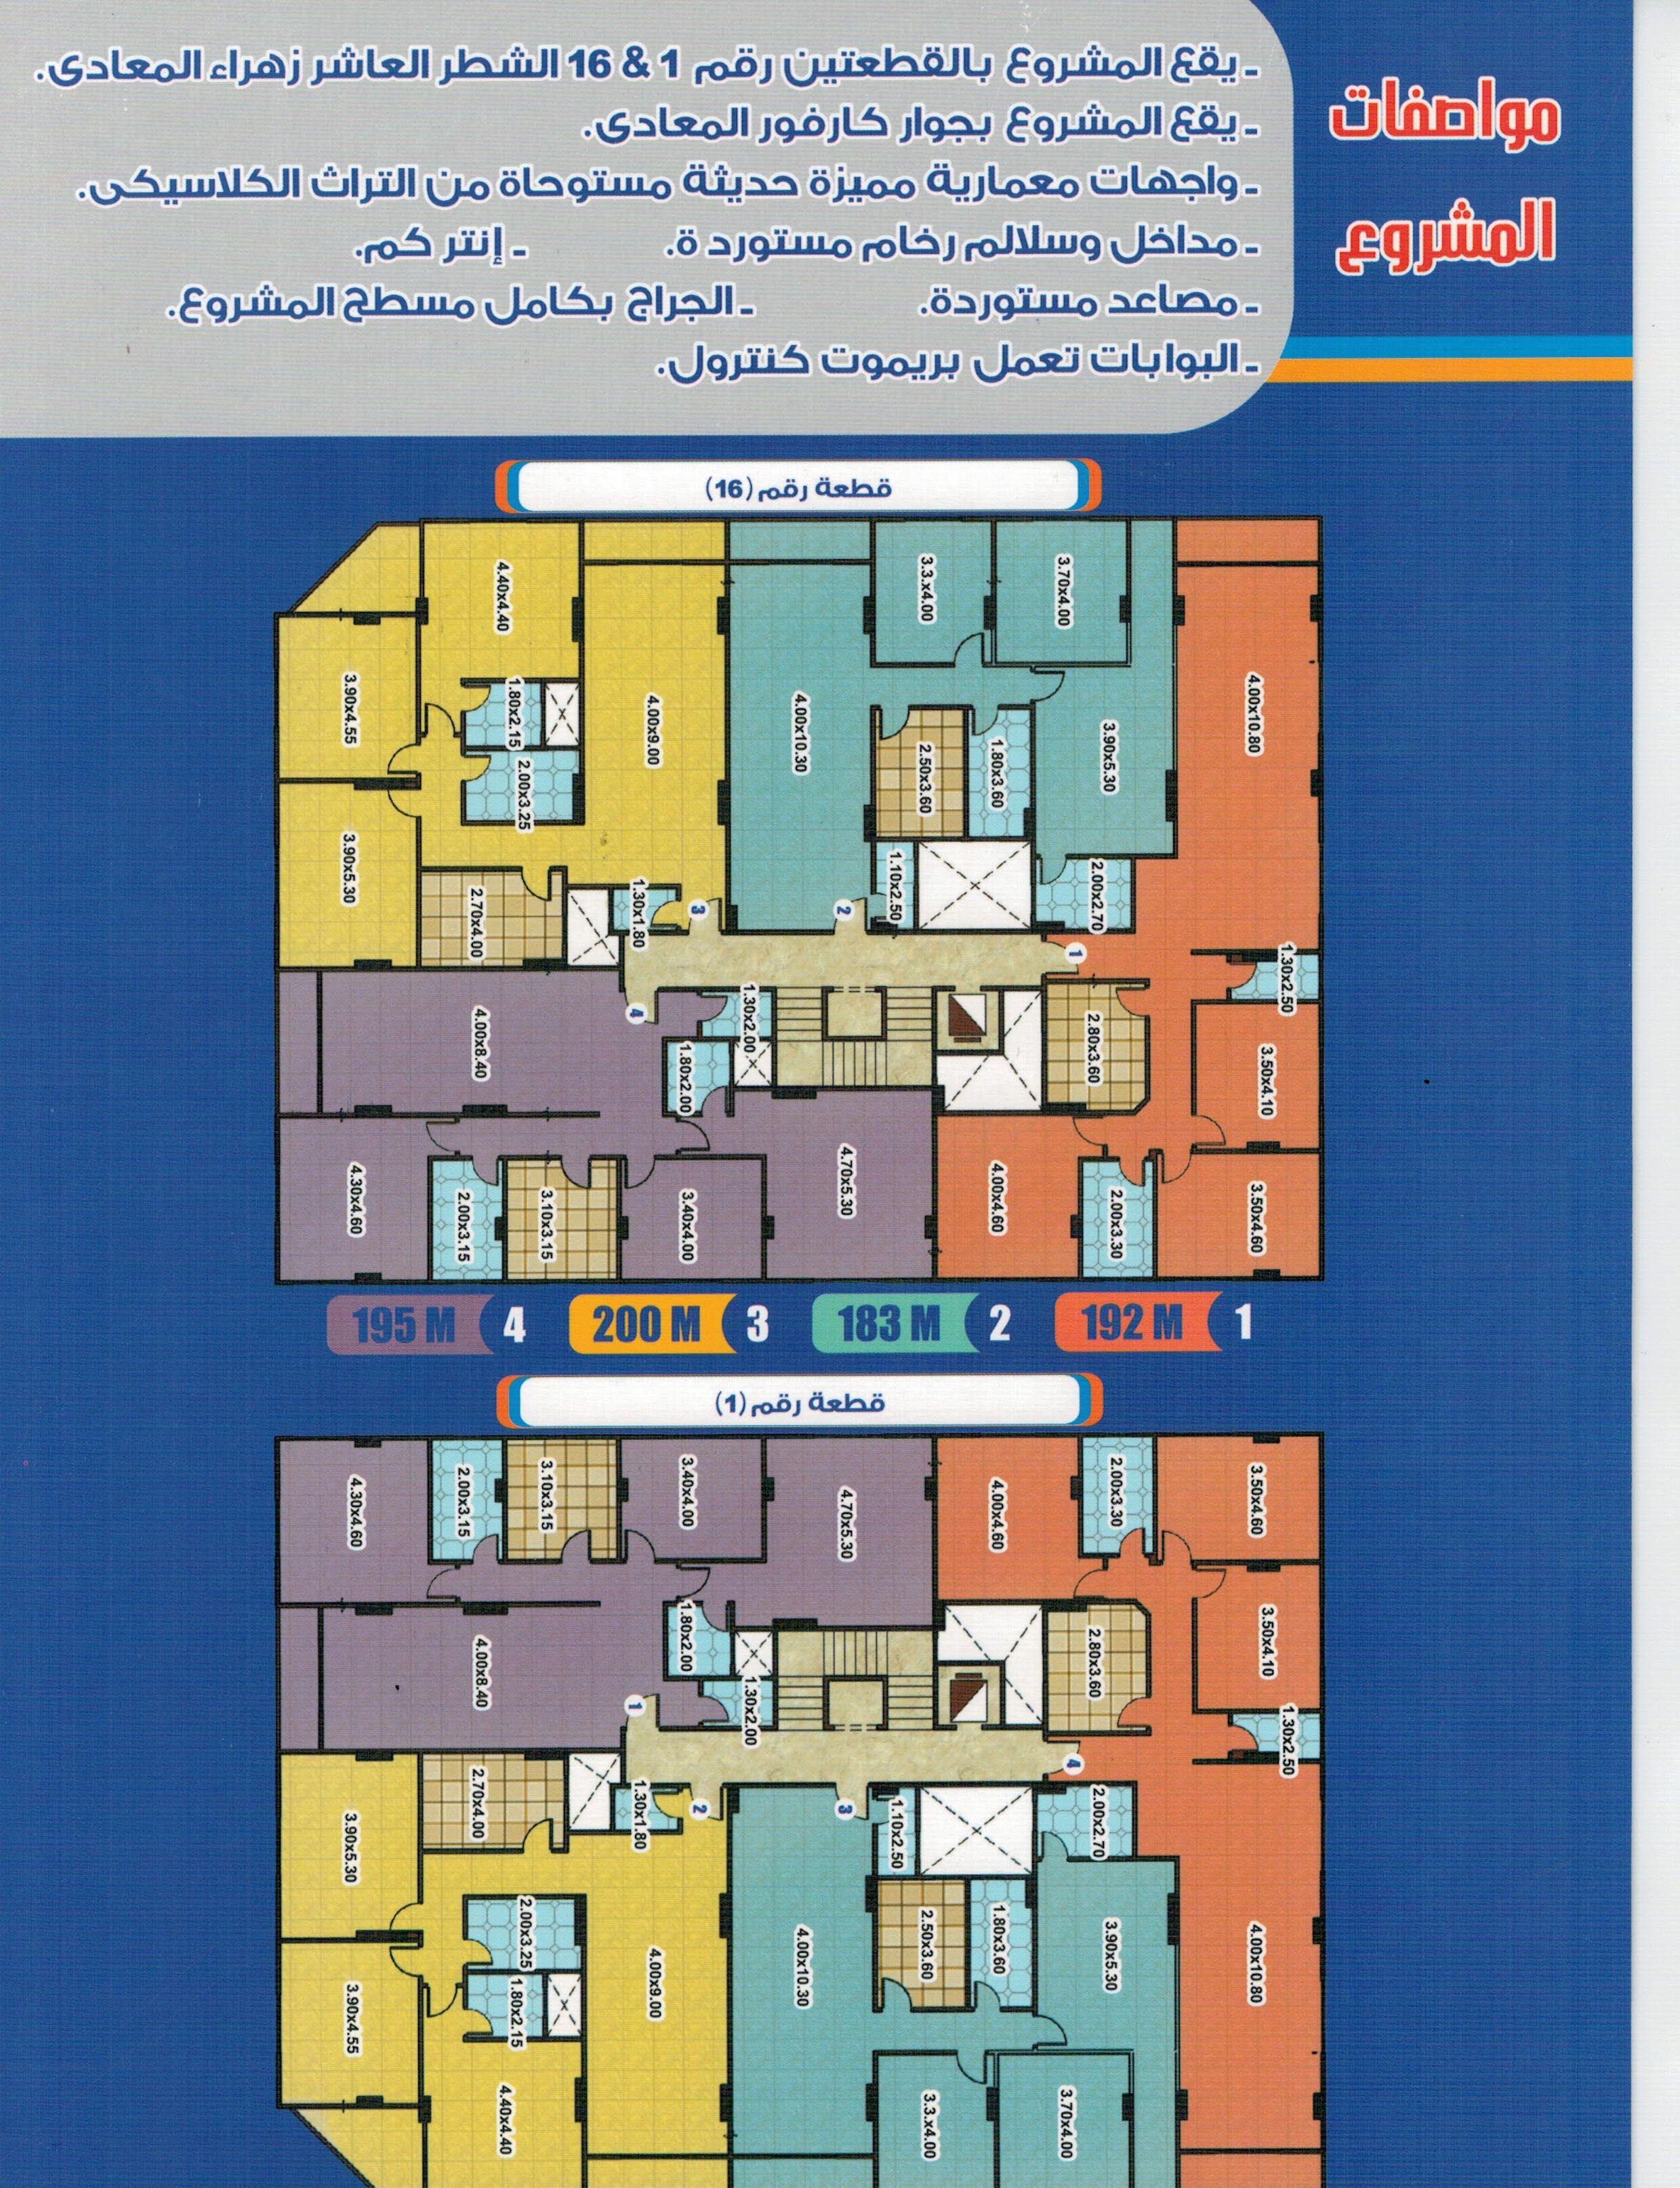 بالقرب من كارفور بالشطر العاشر قطعة 16 شقة للبيع Apartments For Sale Floor Plans Real Estate